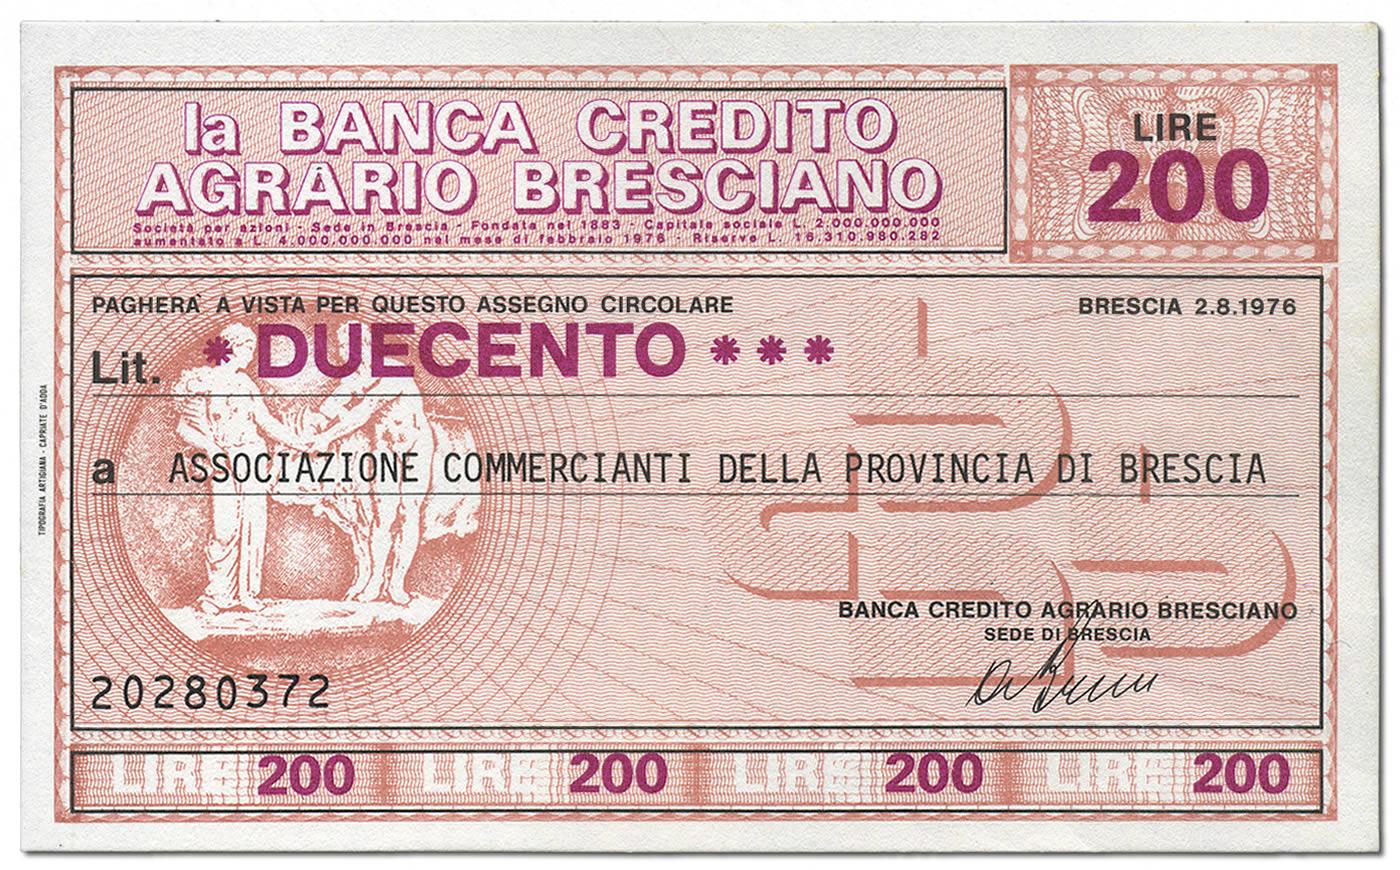 Credito Agrario Bresciano Lire 200